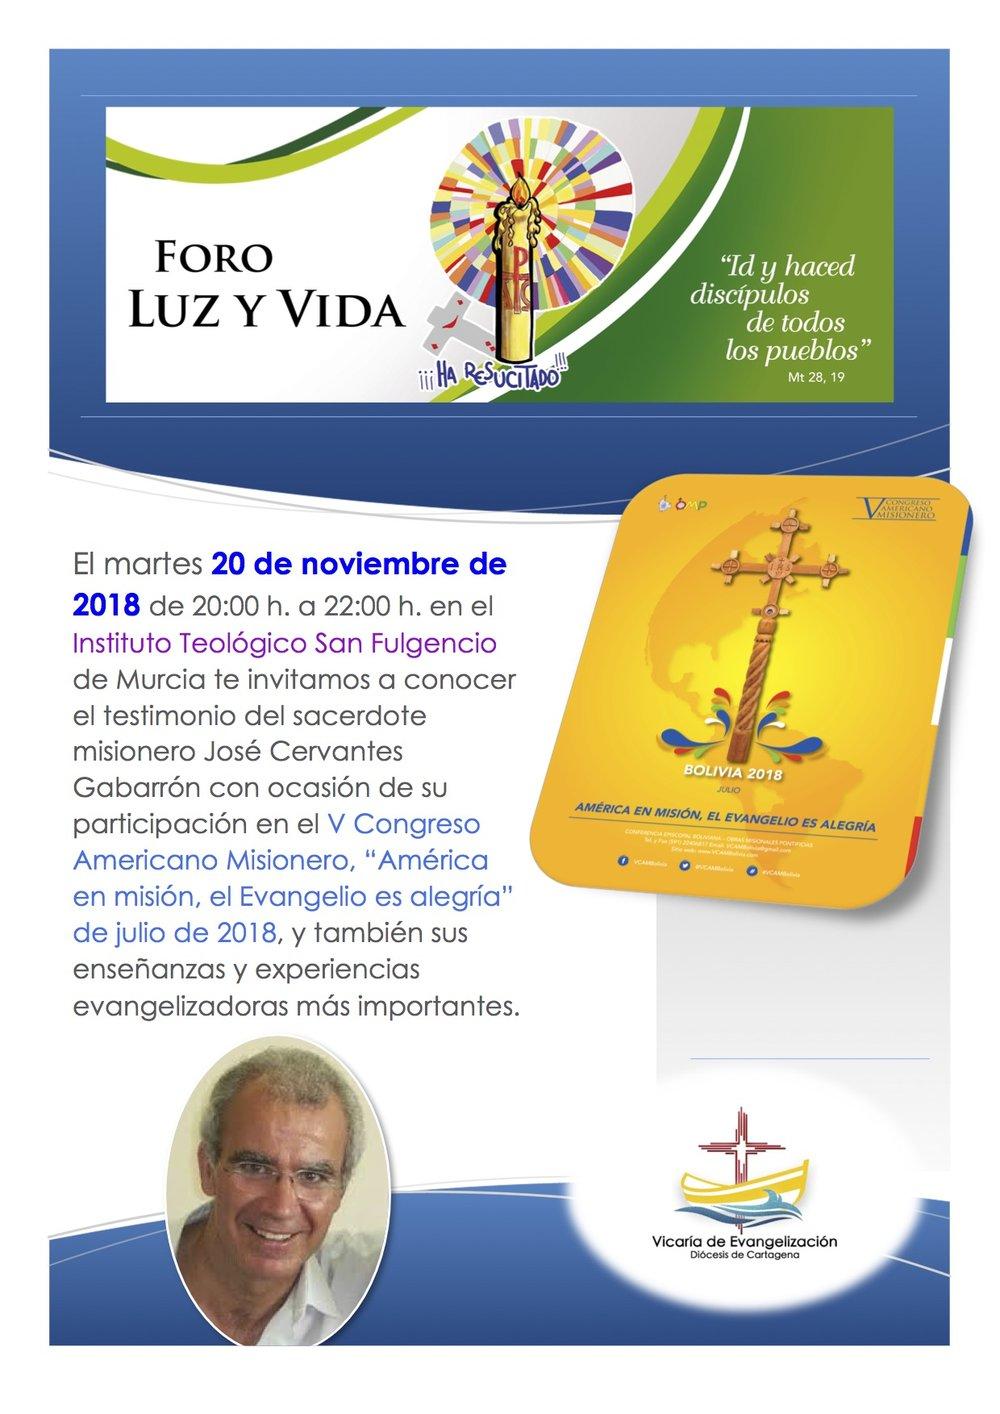 VE Foro Luz y vida, noviembre 2018.jpg